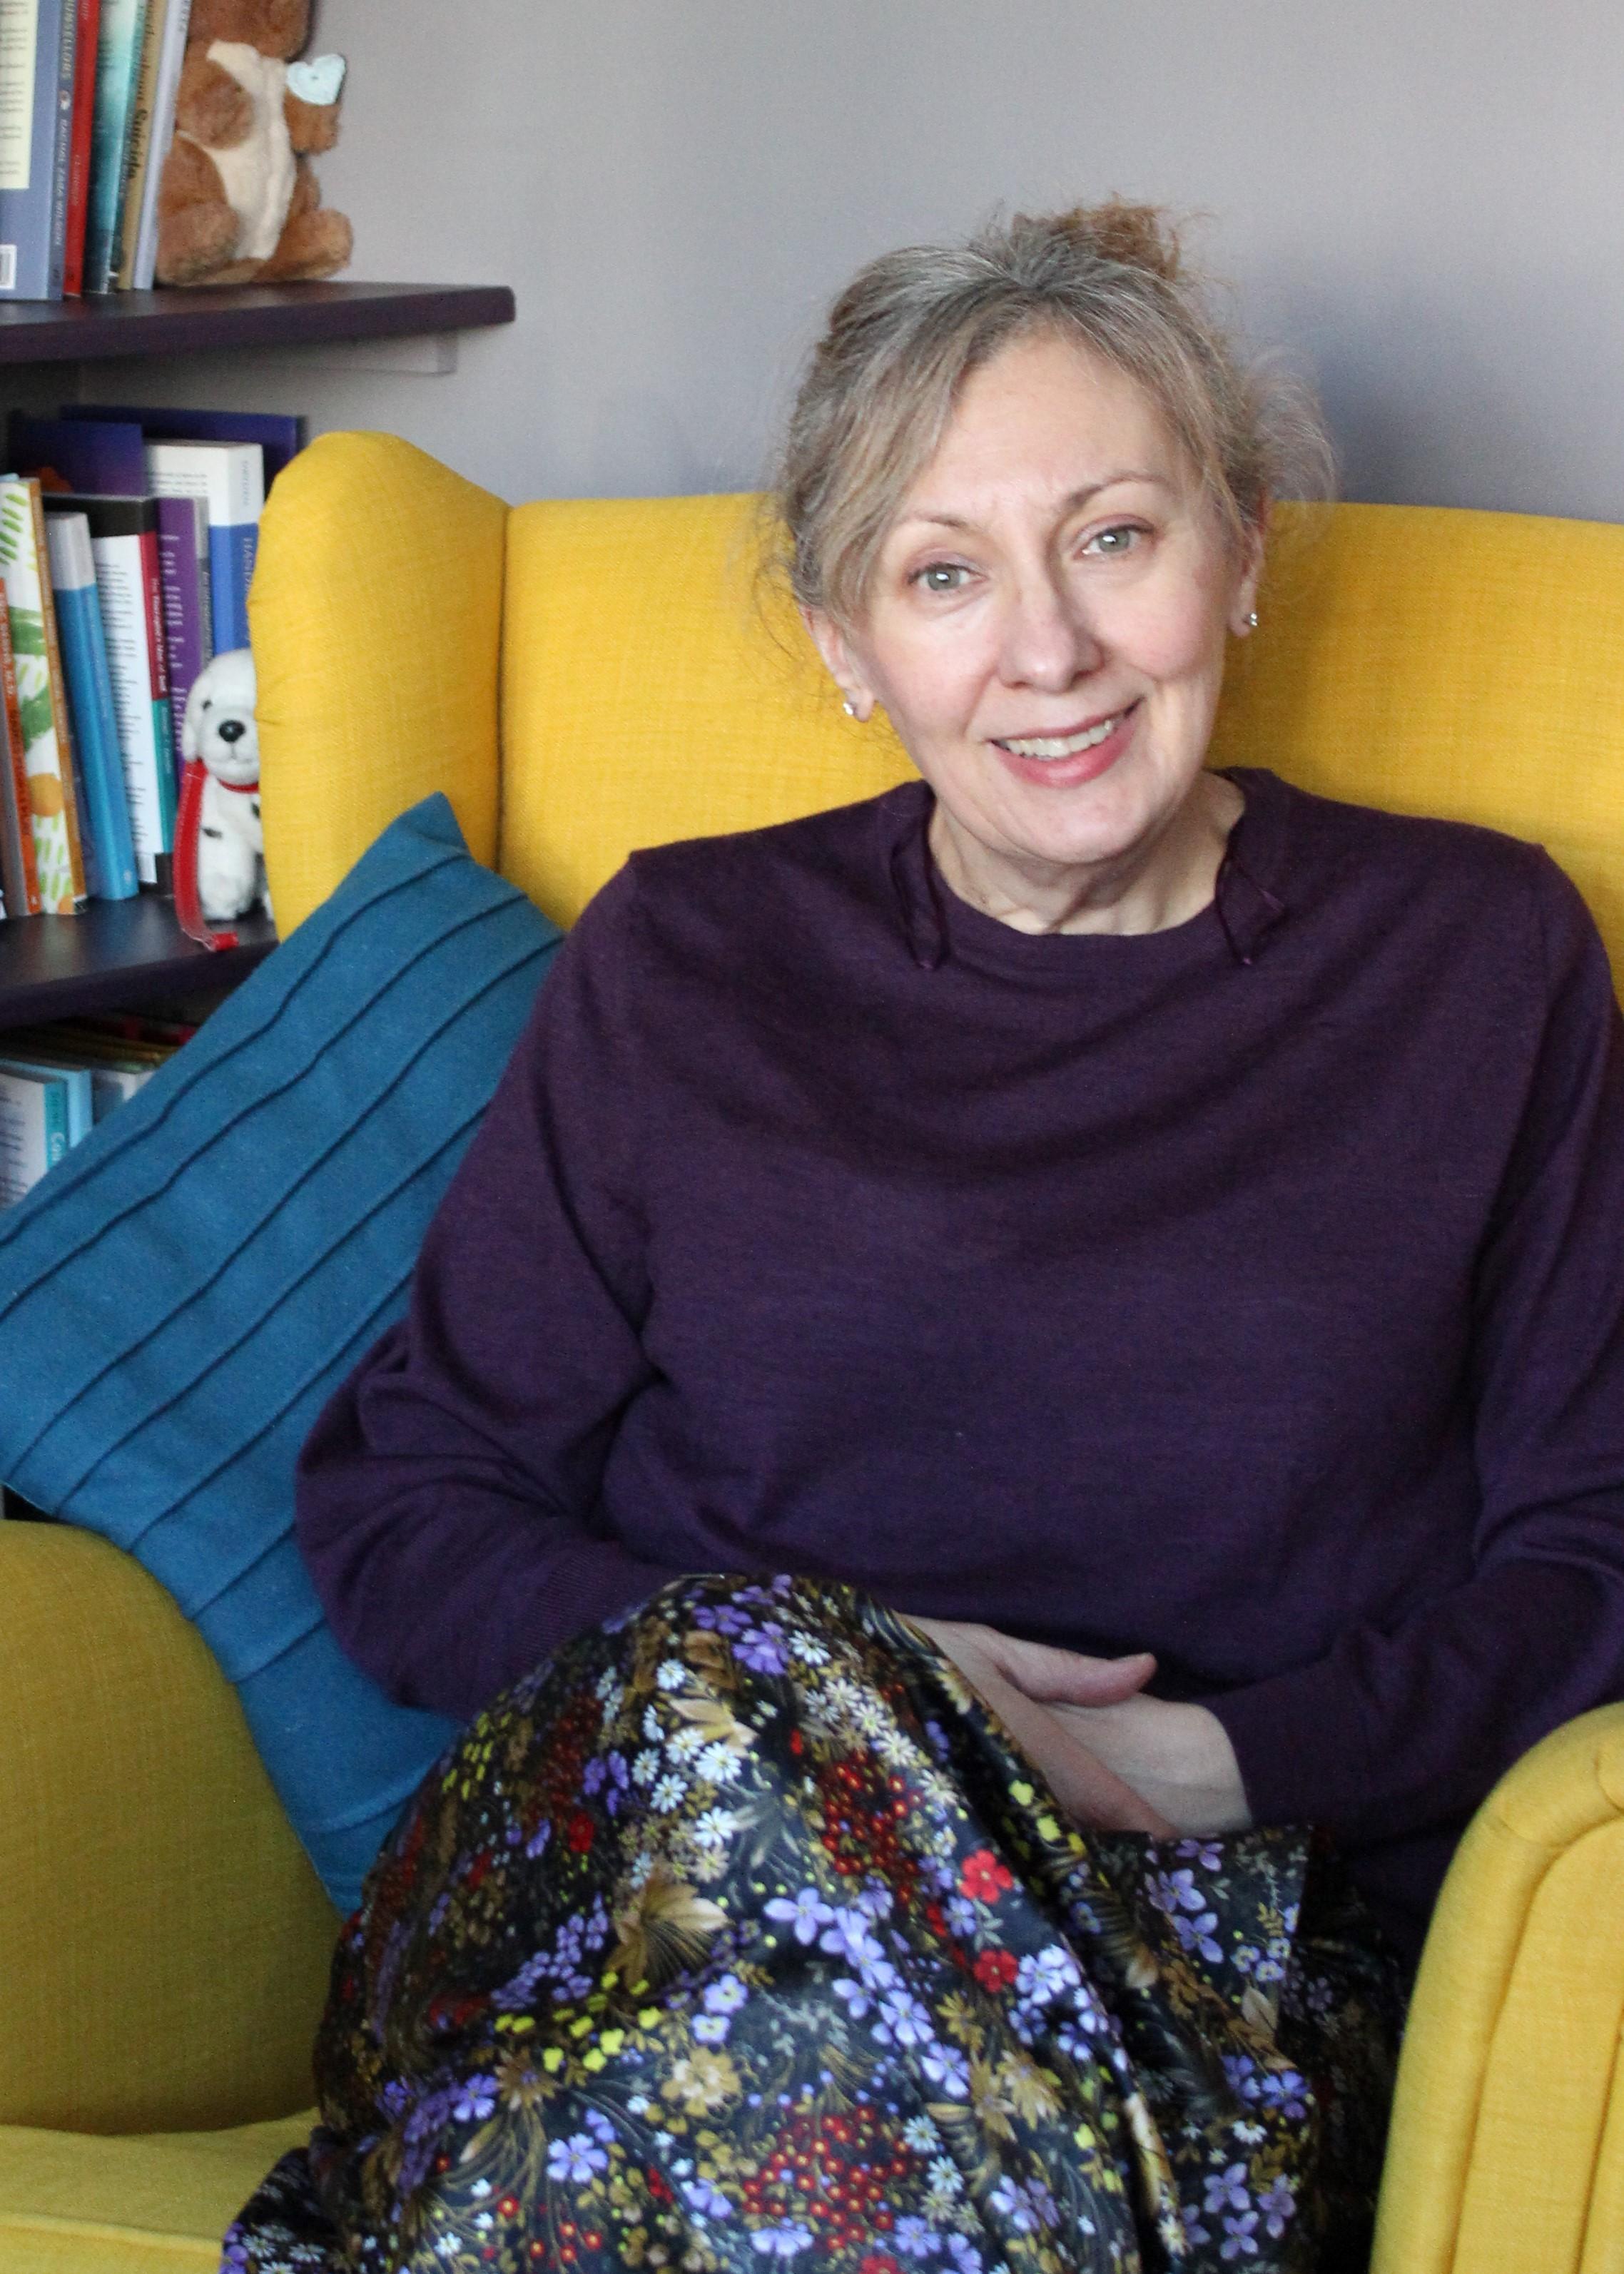 Johanna Sartori